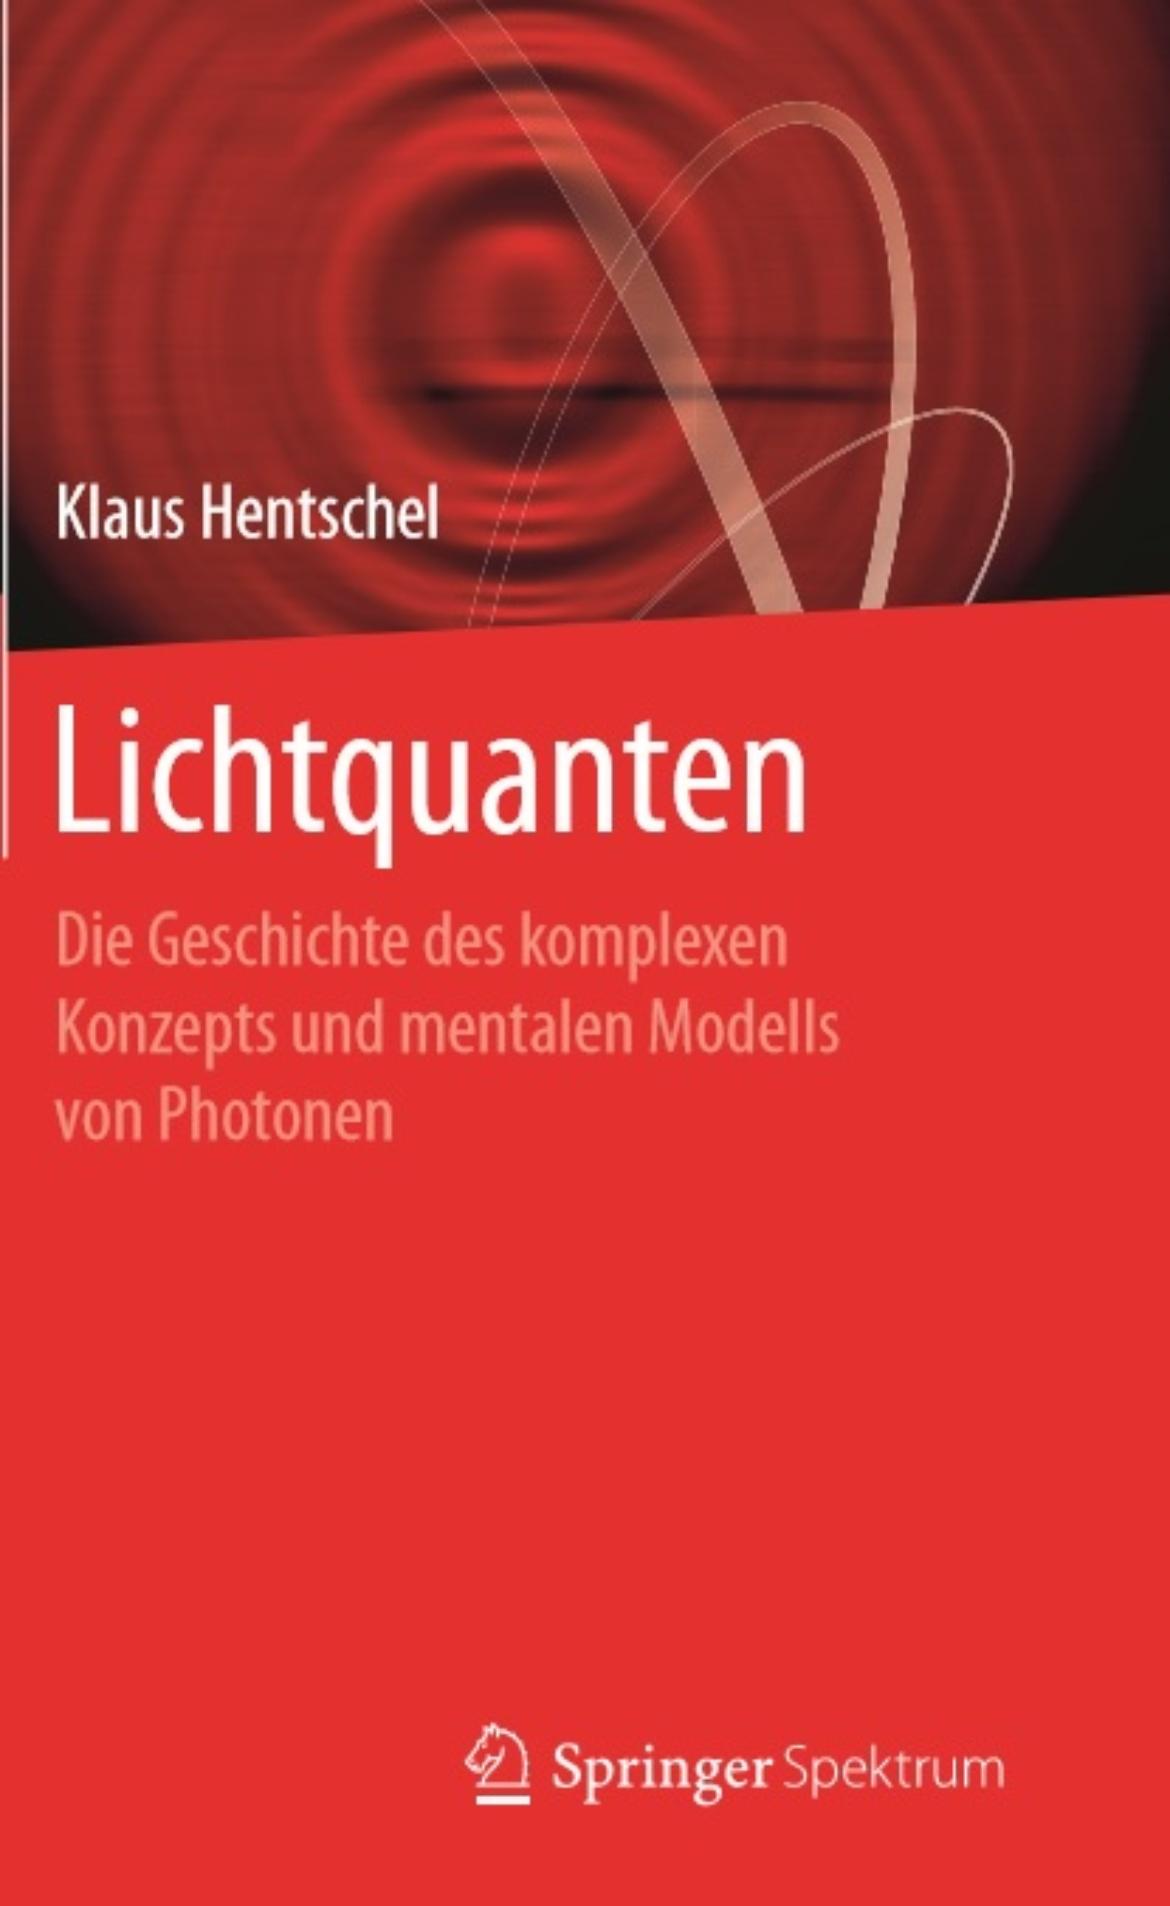 Lichtquanten. Die Geschichte des komplexen Konzepts und mentalen Modells von Photonen.